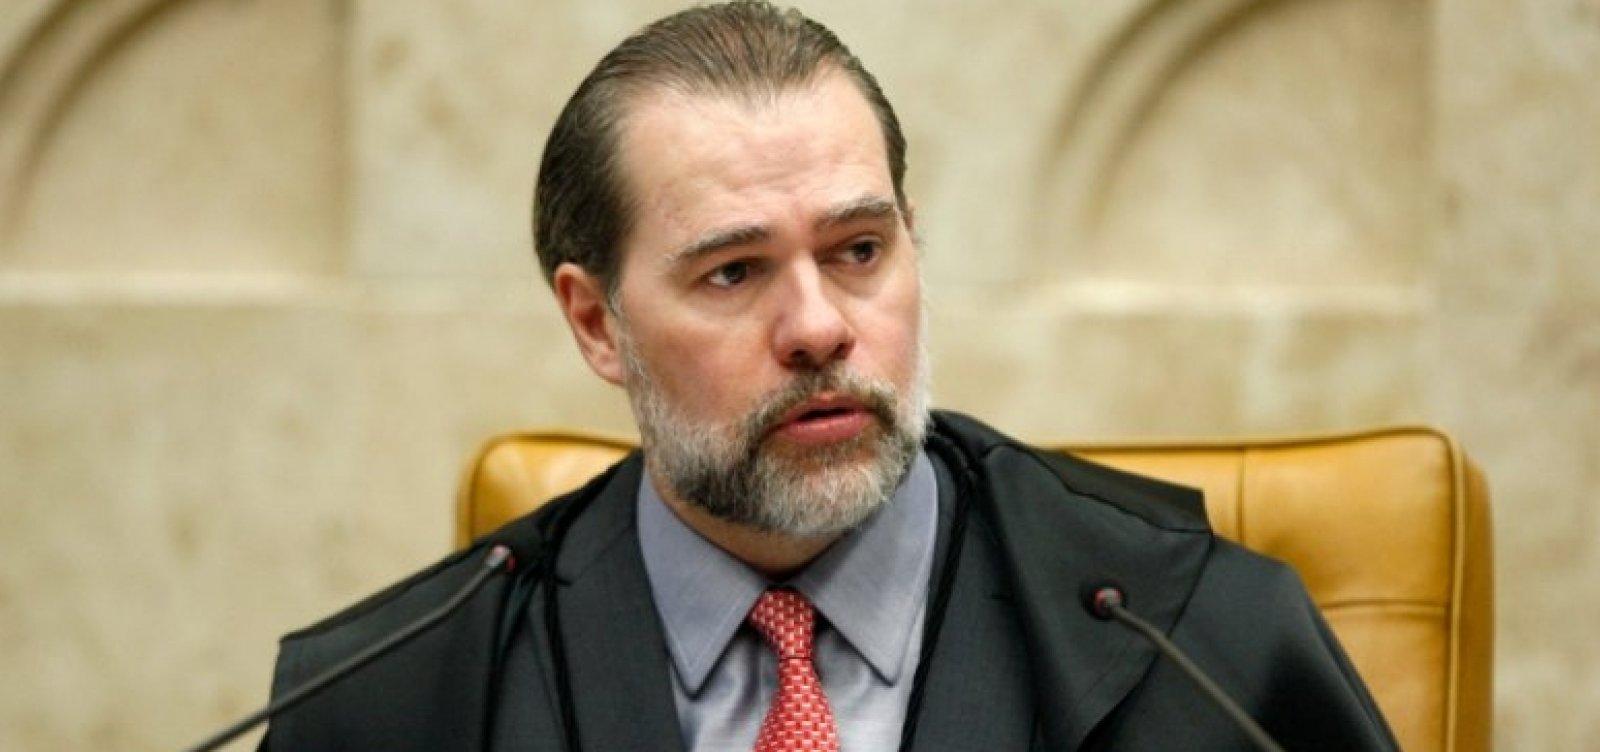 Toffoli nega censura e acusa sites de orquestrarem ação antes de STF julgar prisão em 2ª instância